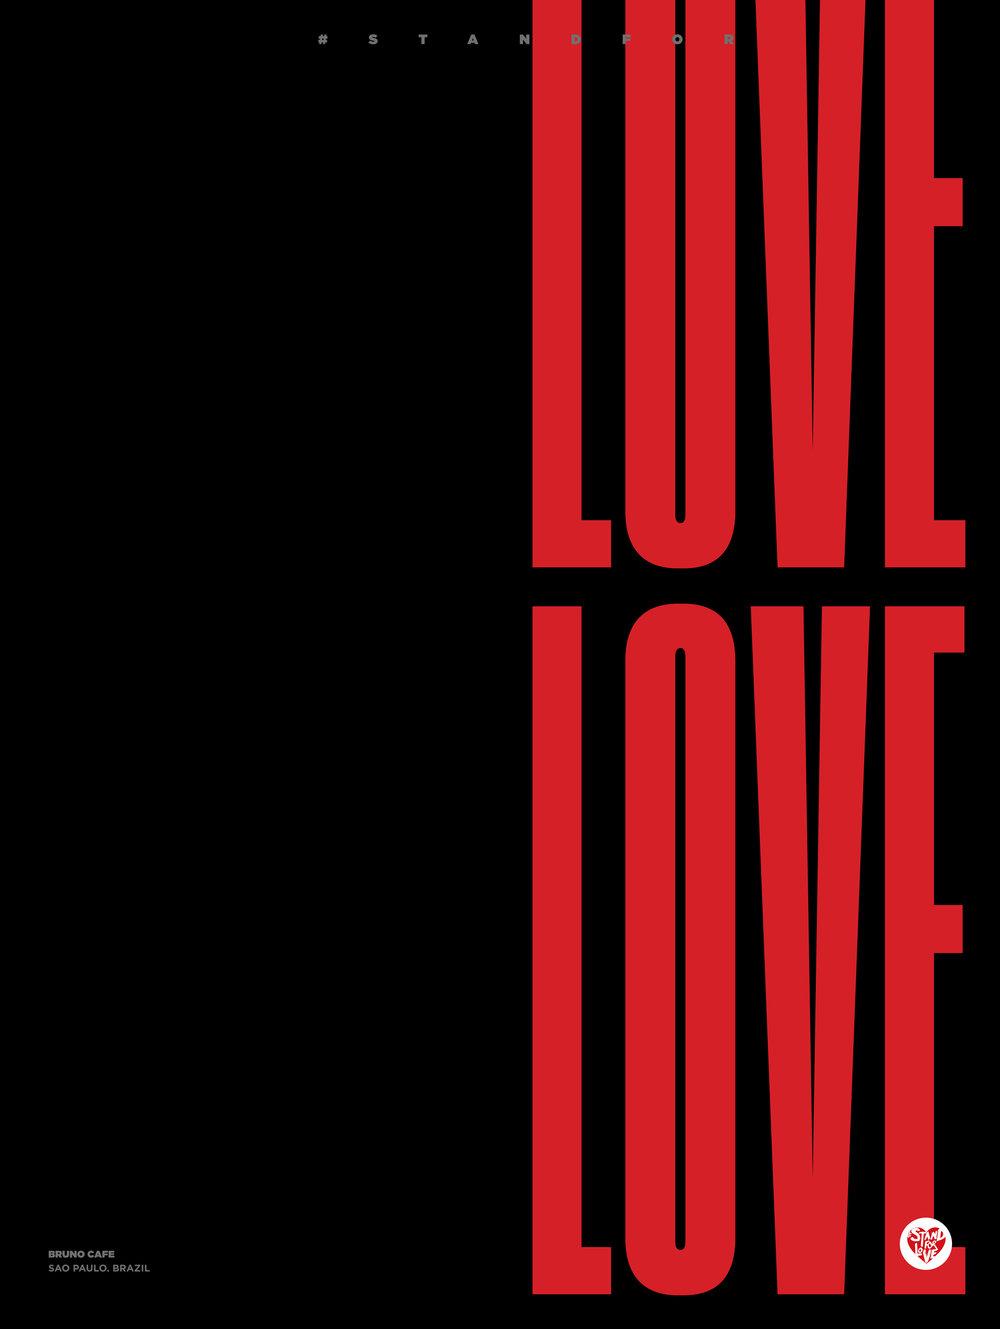 Bruno_Cafe_Love_Poster_02.jpg